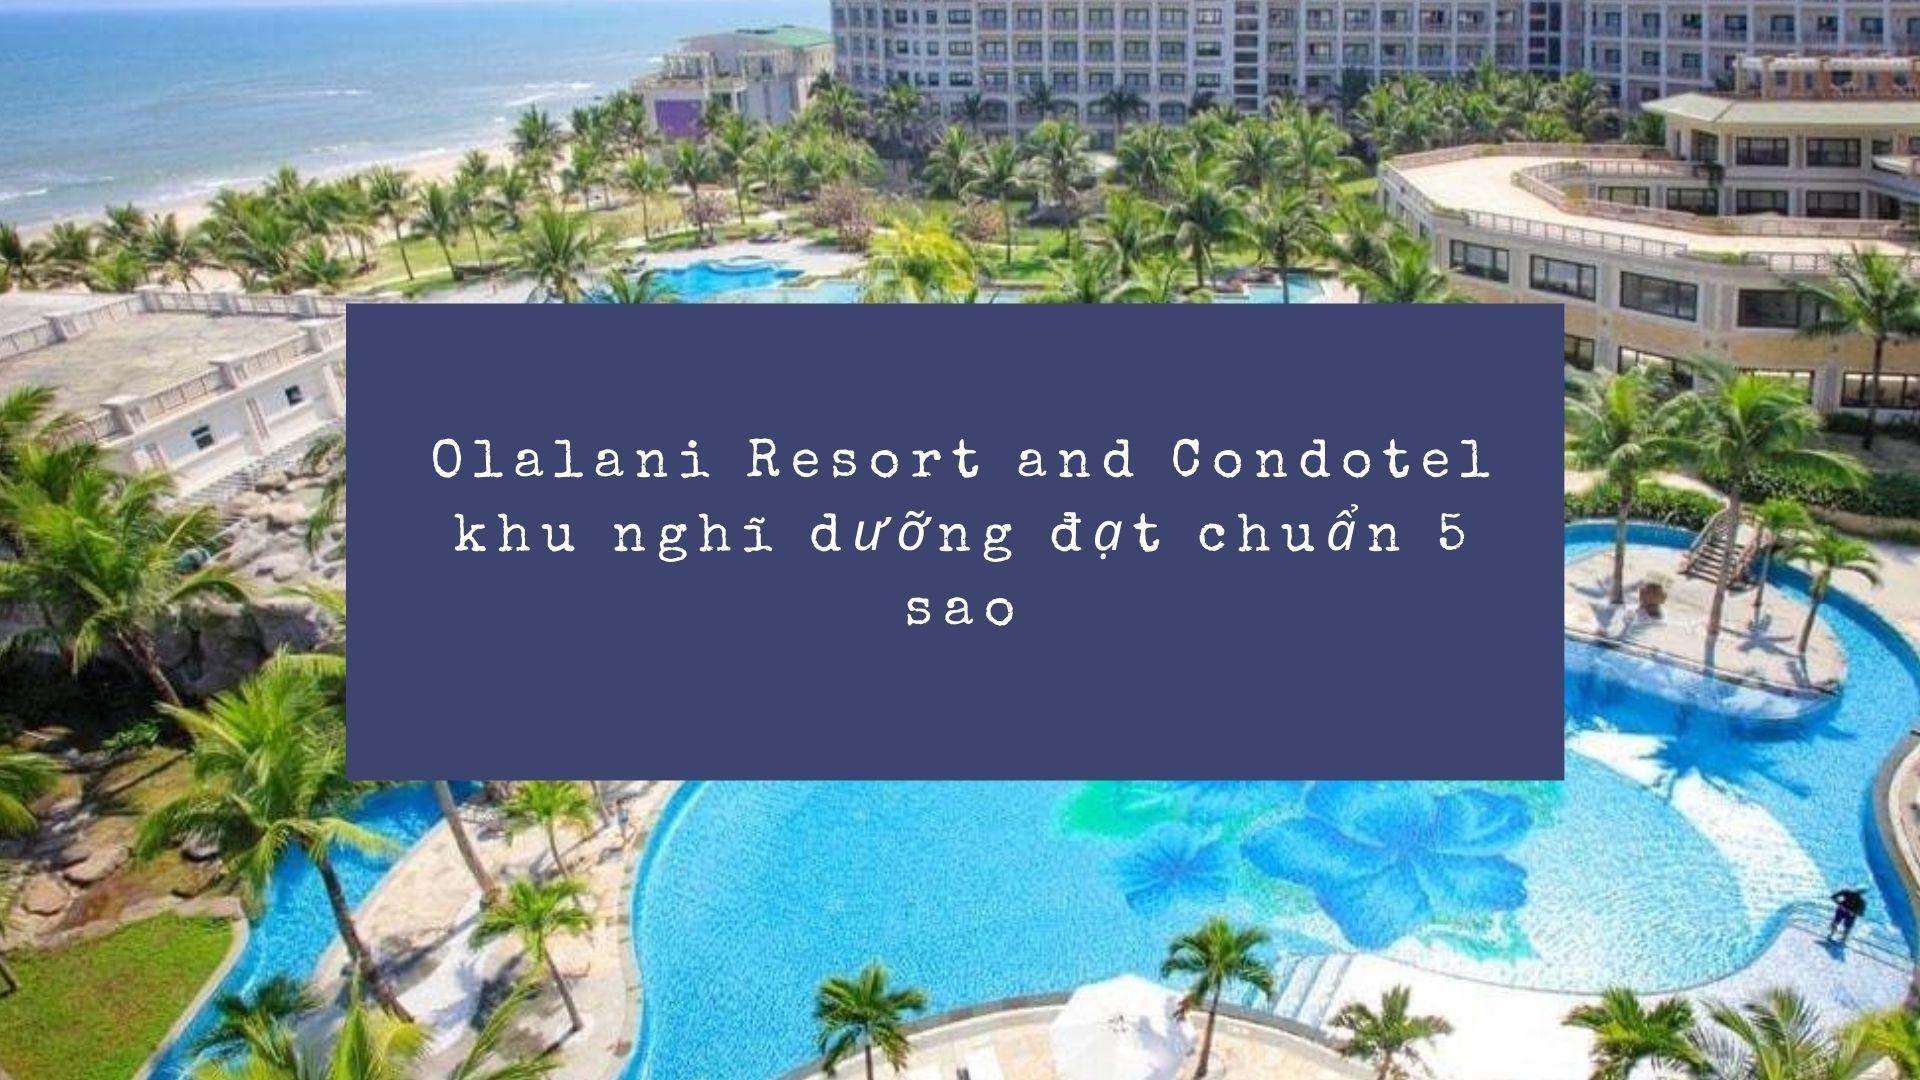 Olalani Resort and Condotel khu nghỉ dưỡng đạt chuẩn 5 sao